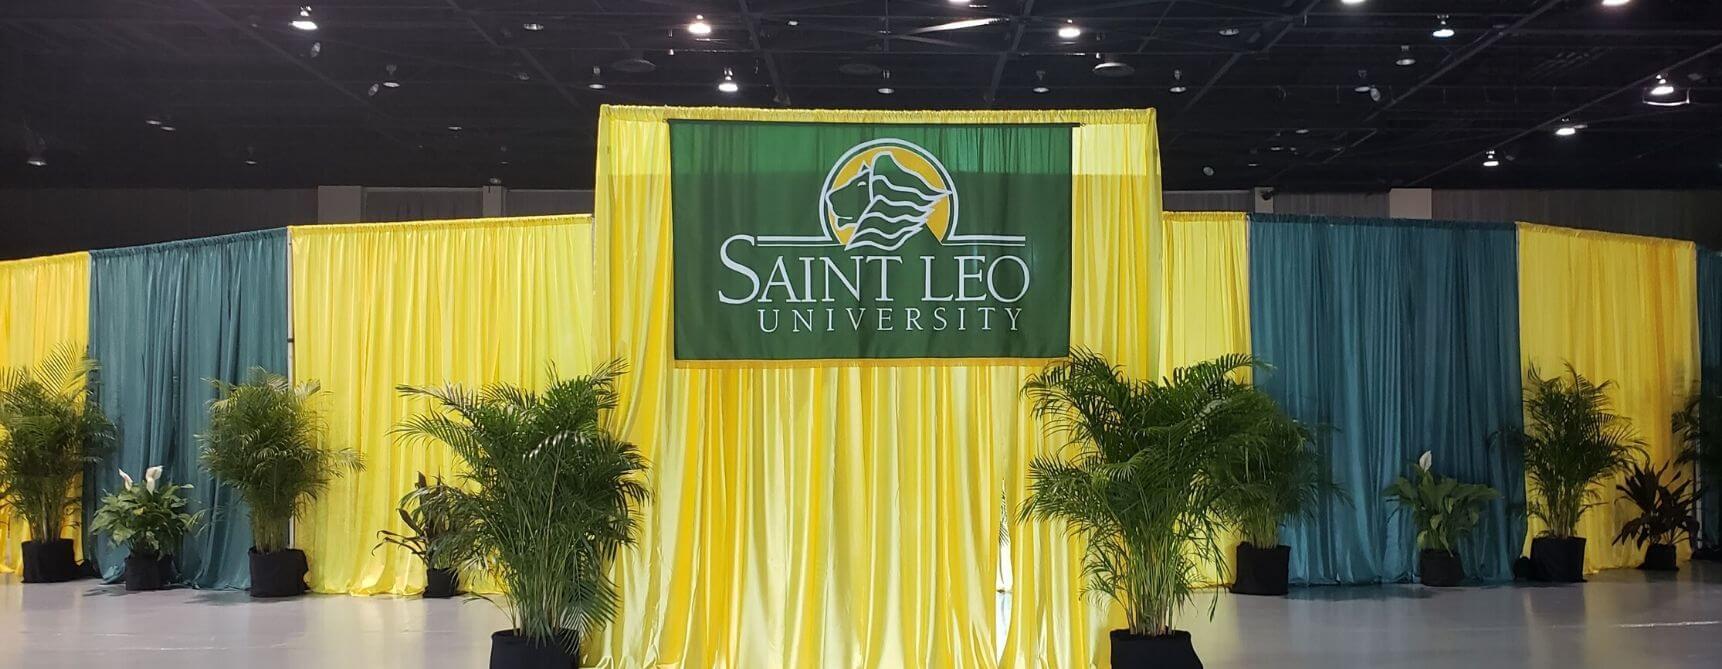 3 St. Leo Graduation Event Production